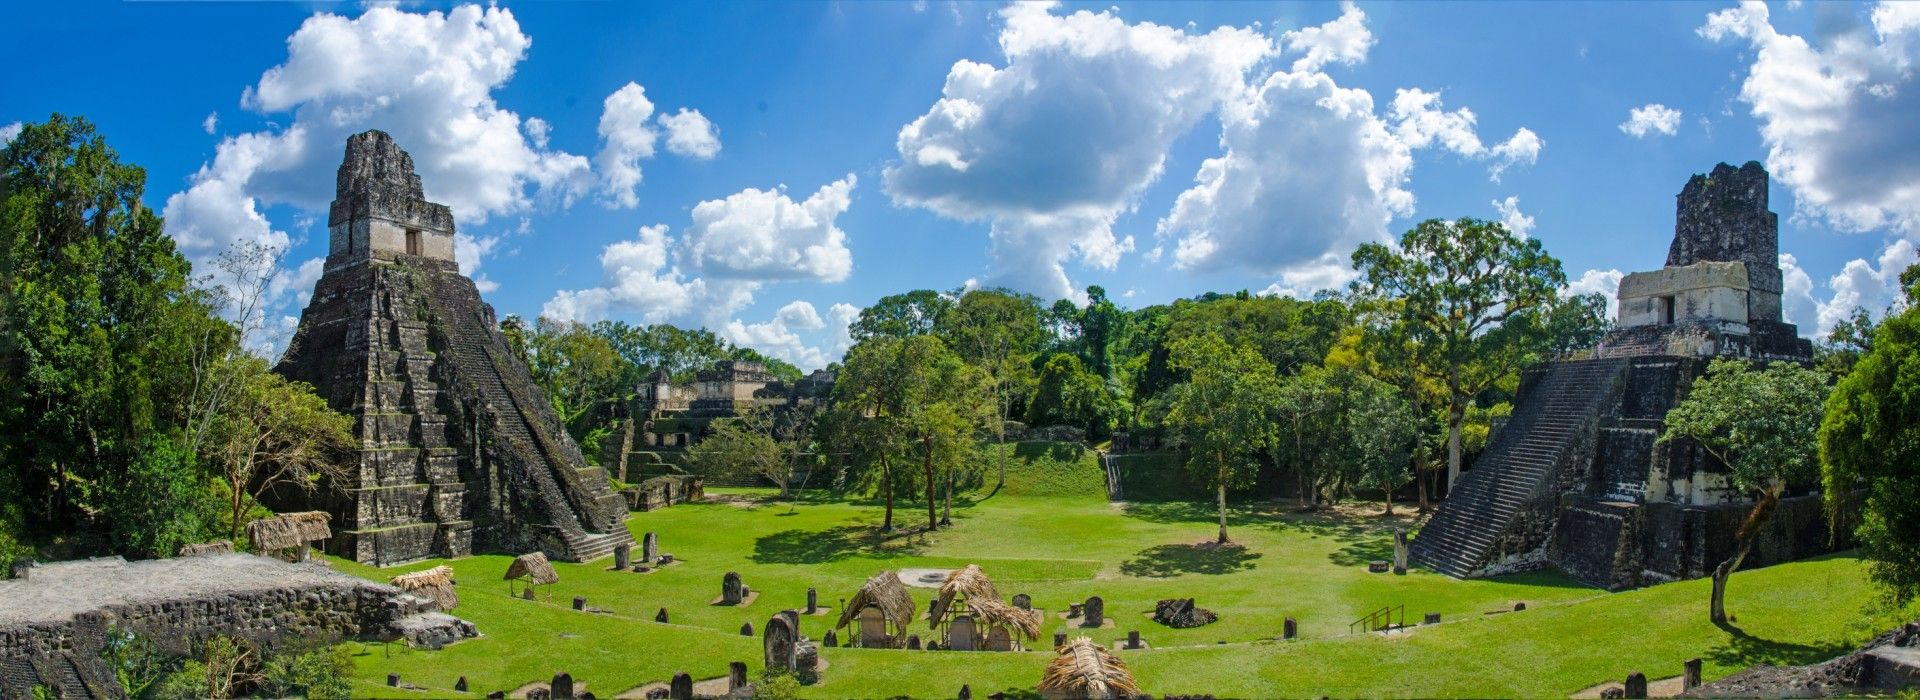 Maya ruins of Belize